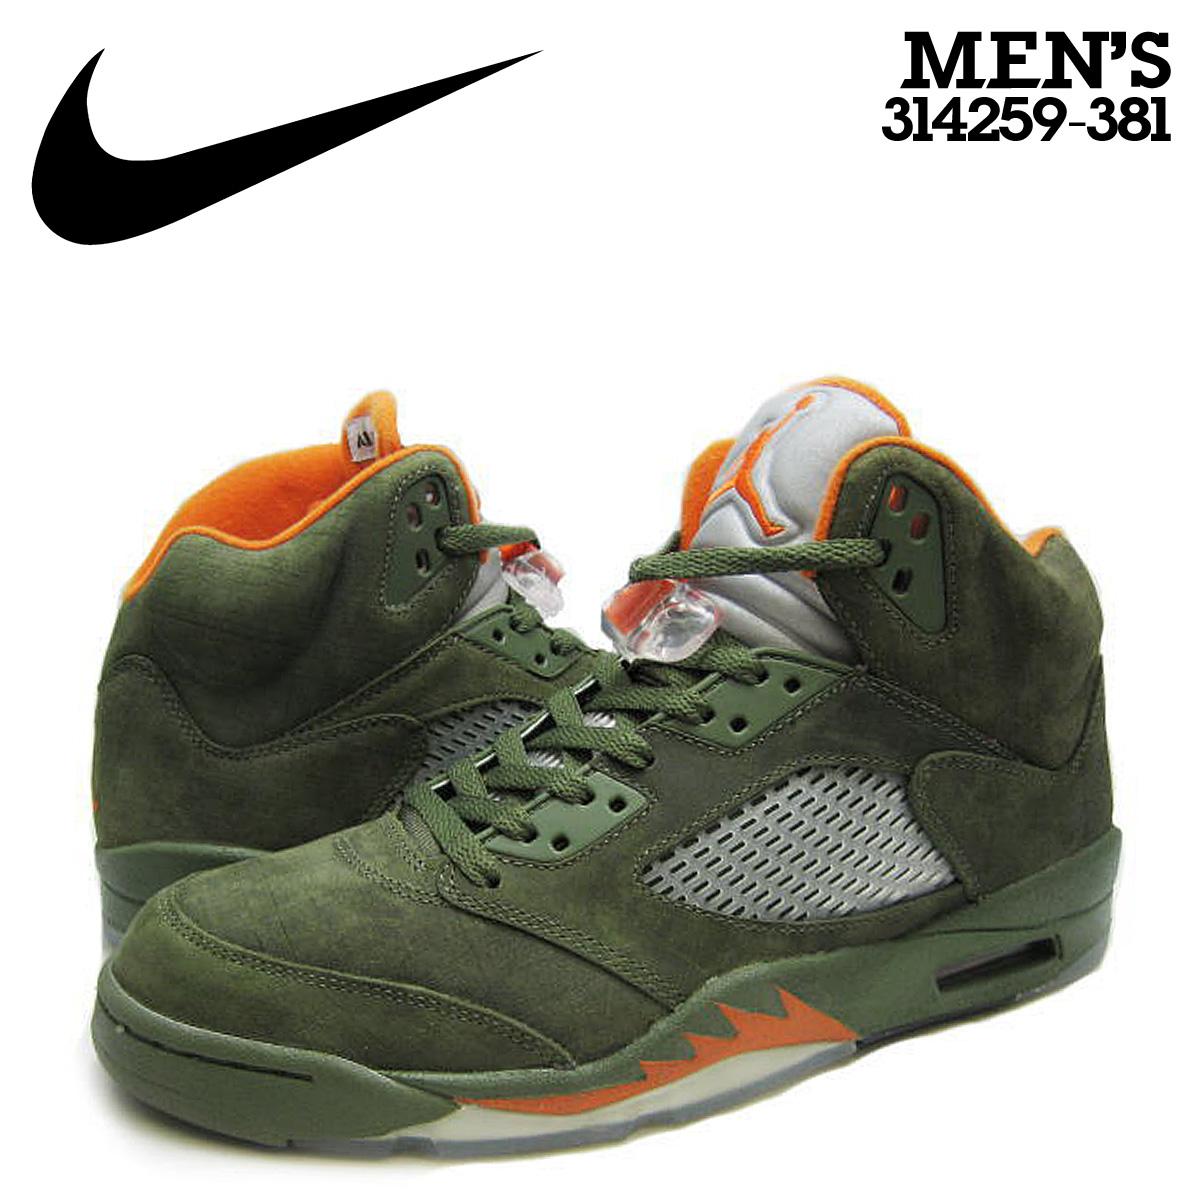 timeless design db492 b8cda NIKE Nike Air Jordan sneakers AIR JORDAN 5 RETRO LS ARMY OLIVE Air Jordan  retro lifestyle 314259-381 green mens